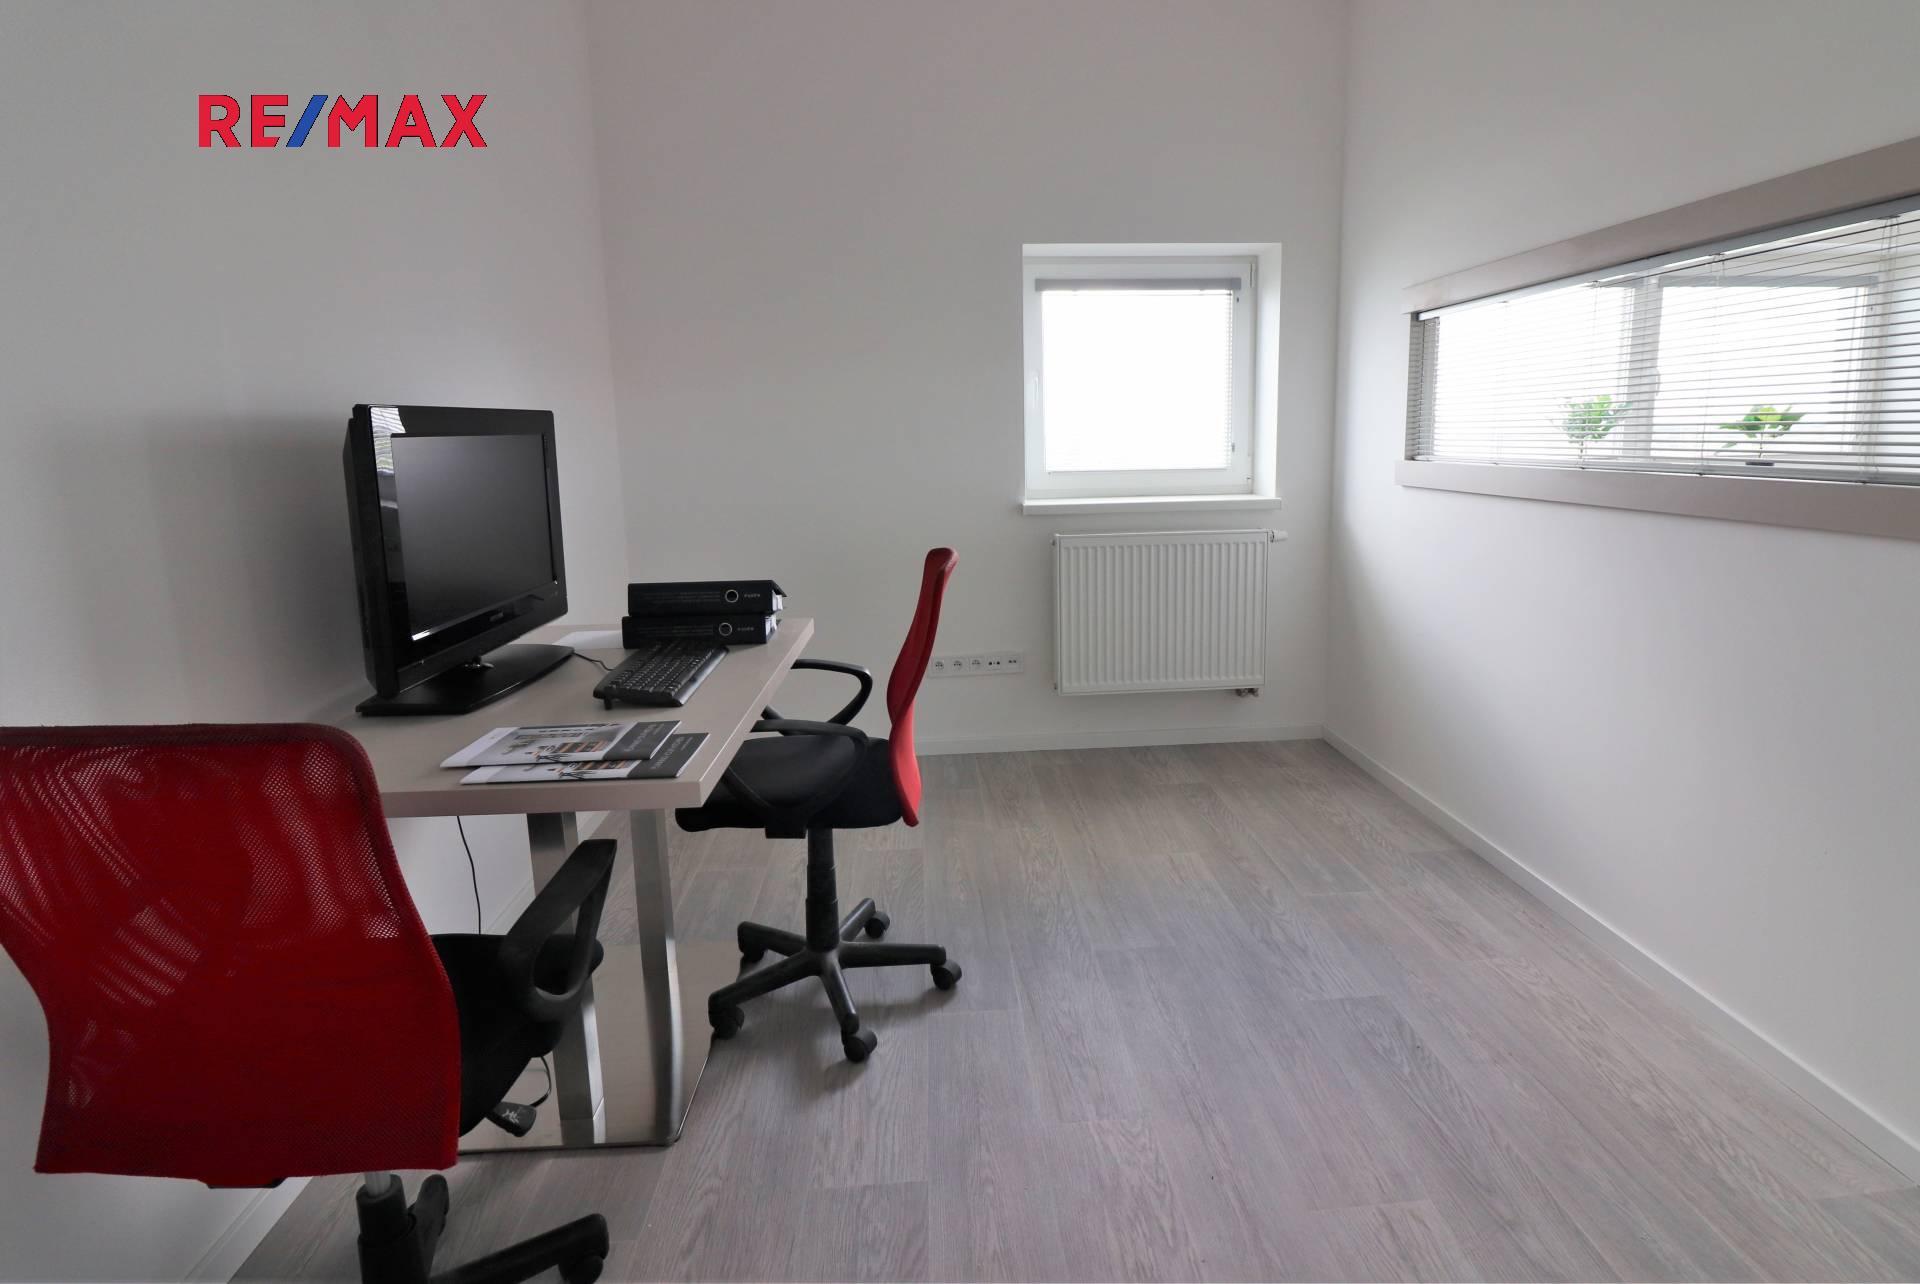 Pronájem kancelářských prostor 46 m², Praha 10 - Uhříněves